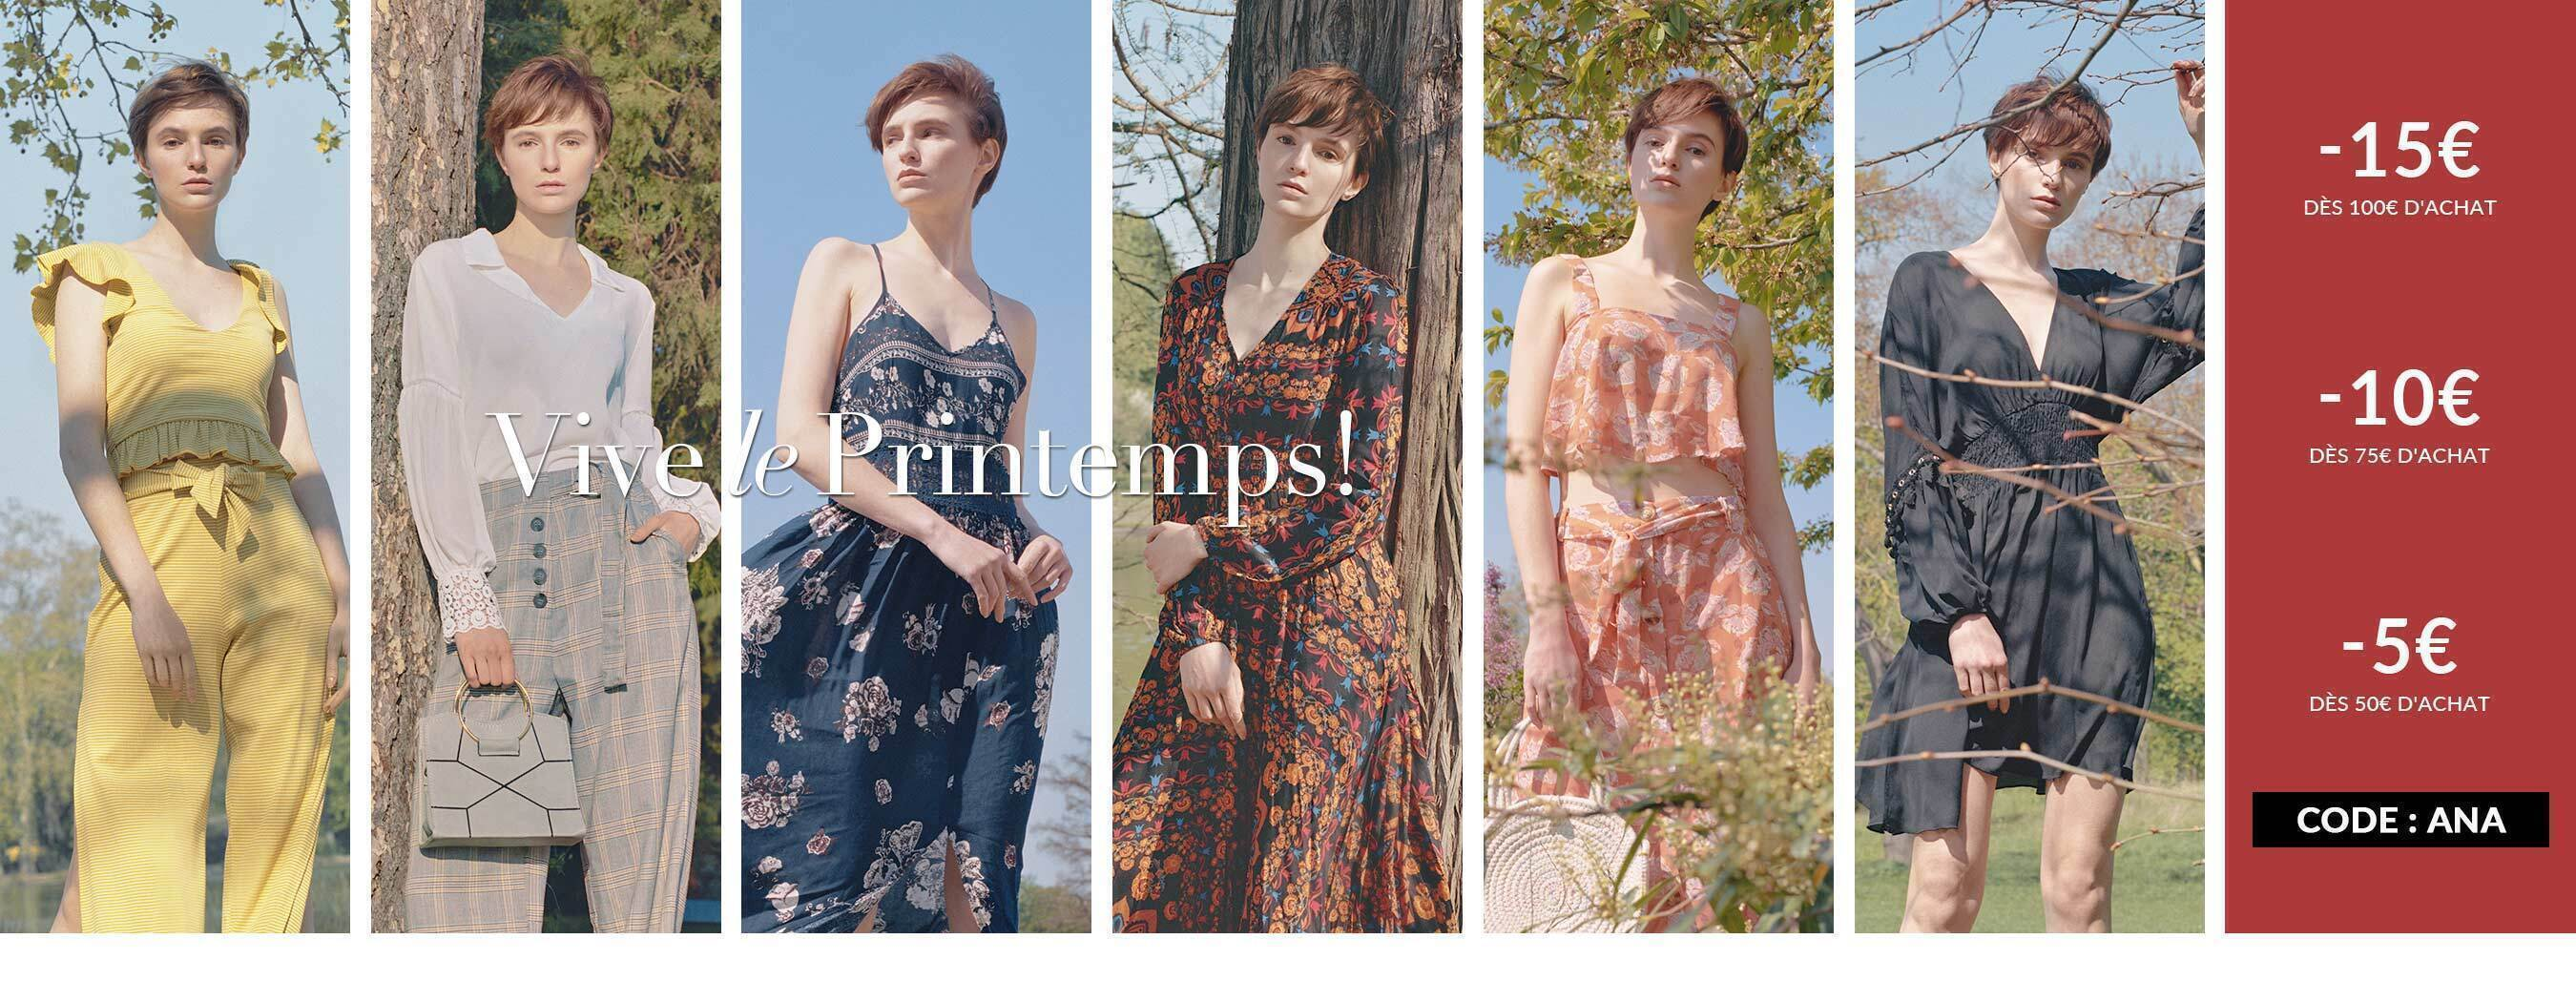 bbac8f79d38 Mode Femme